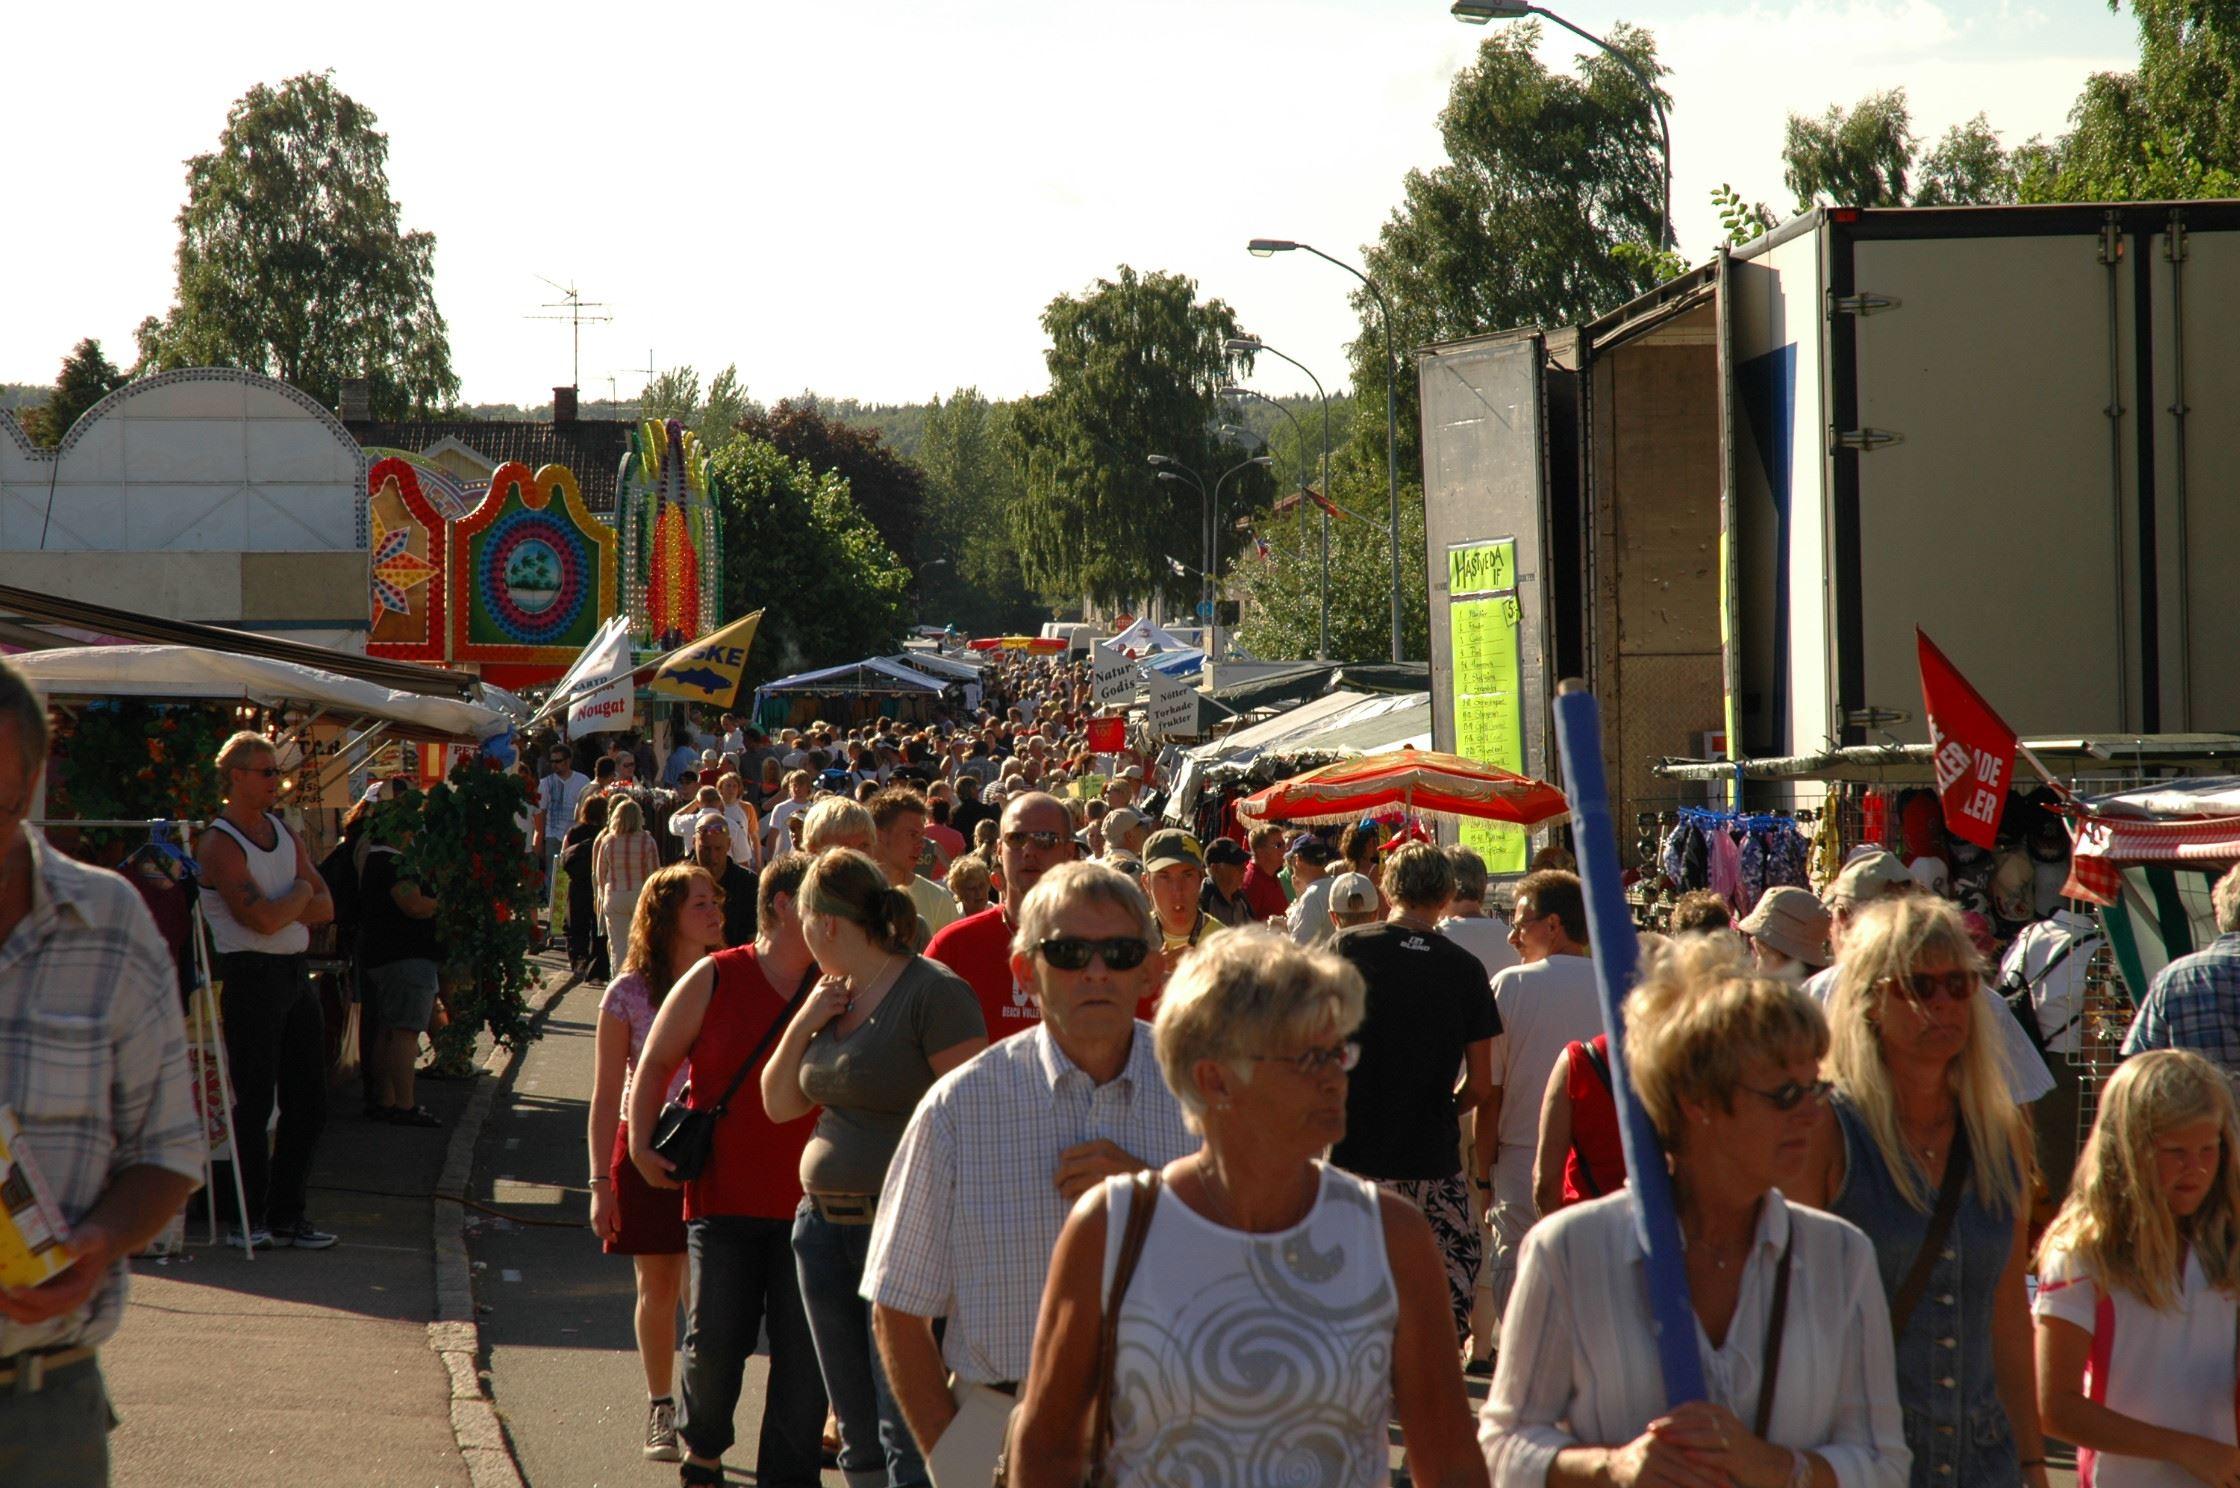 FOTO: Conny Runeke, Hästveda Markt